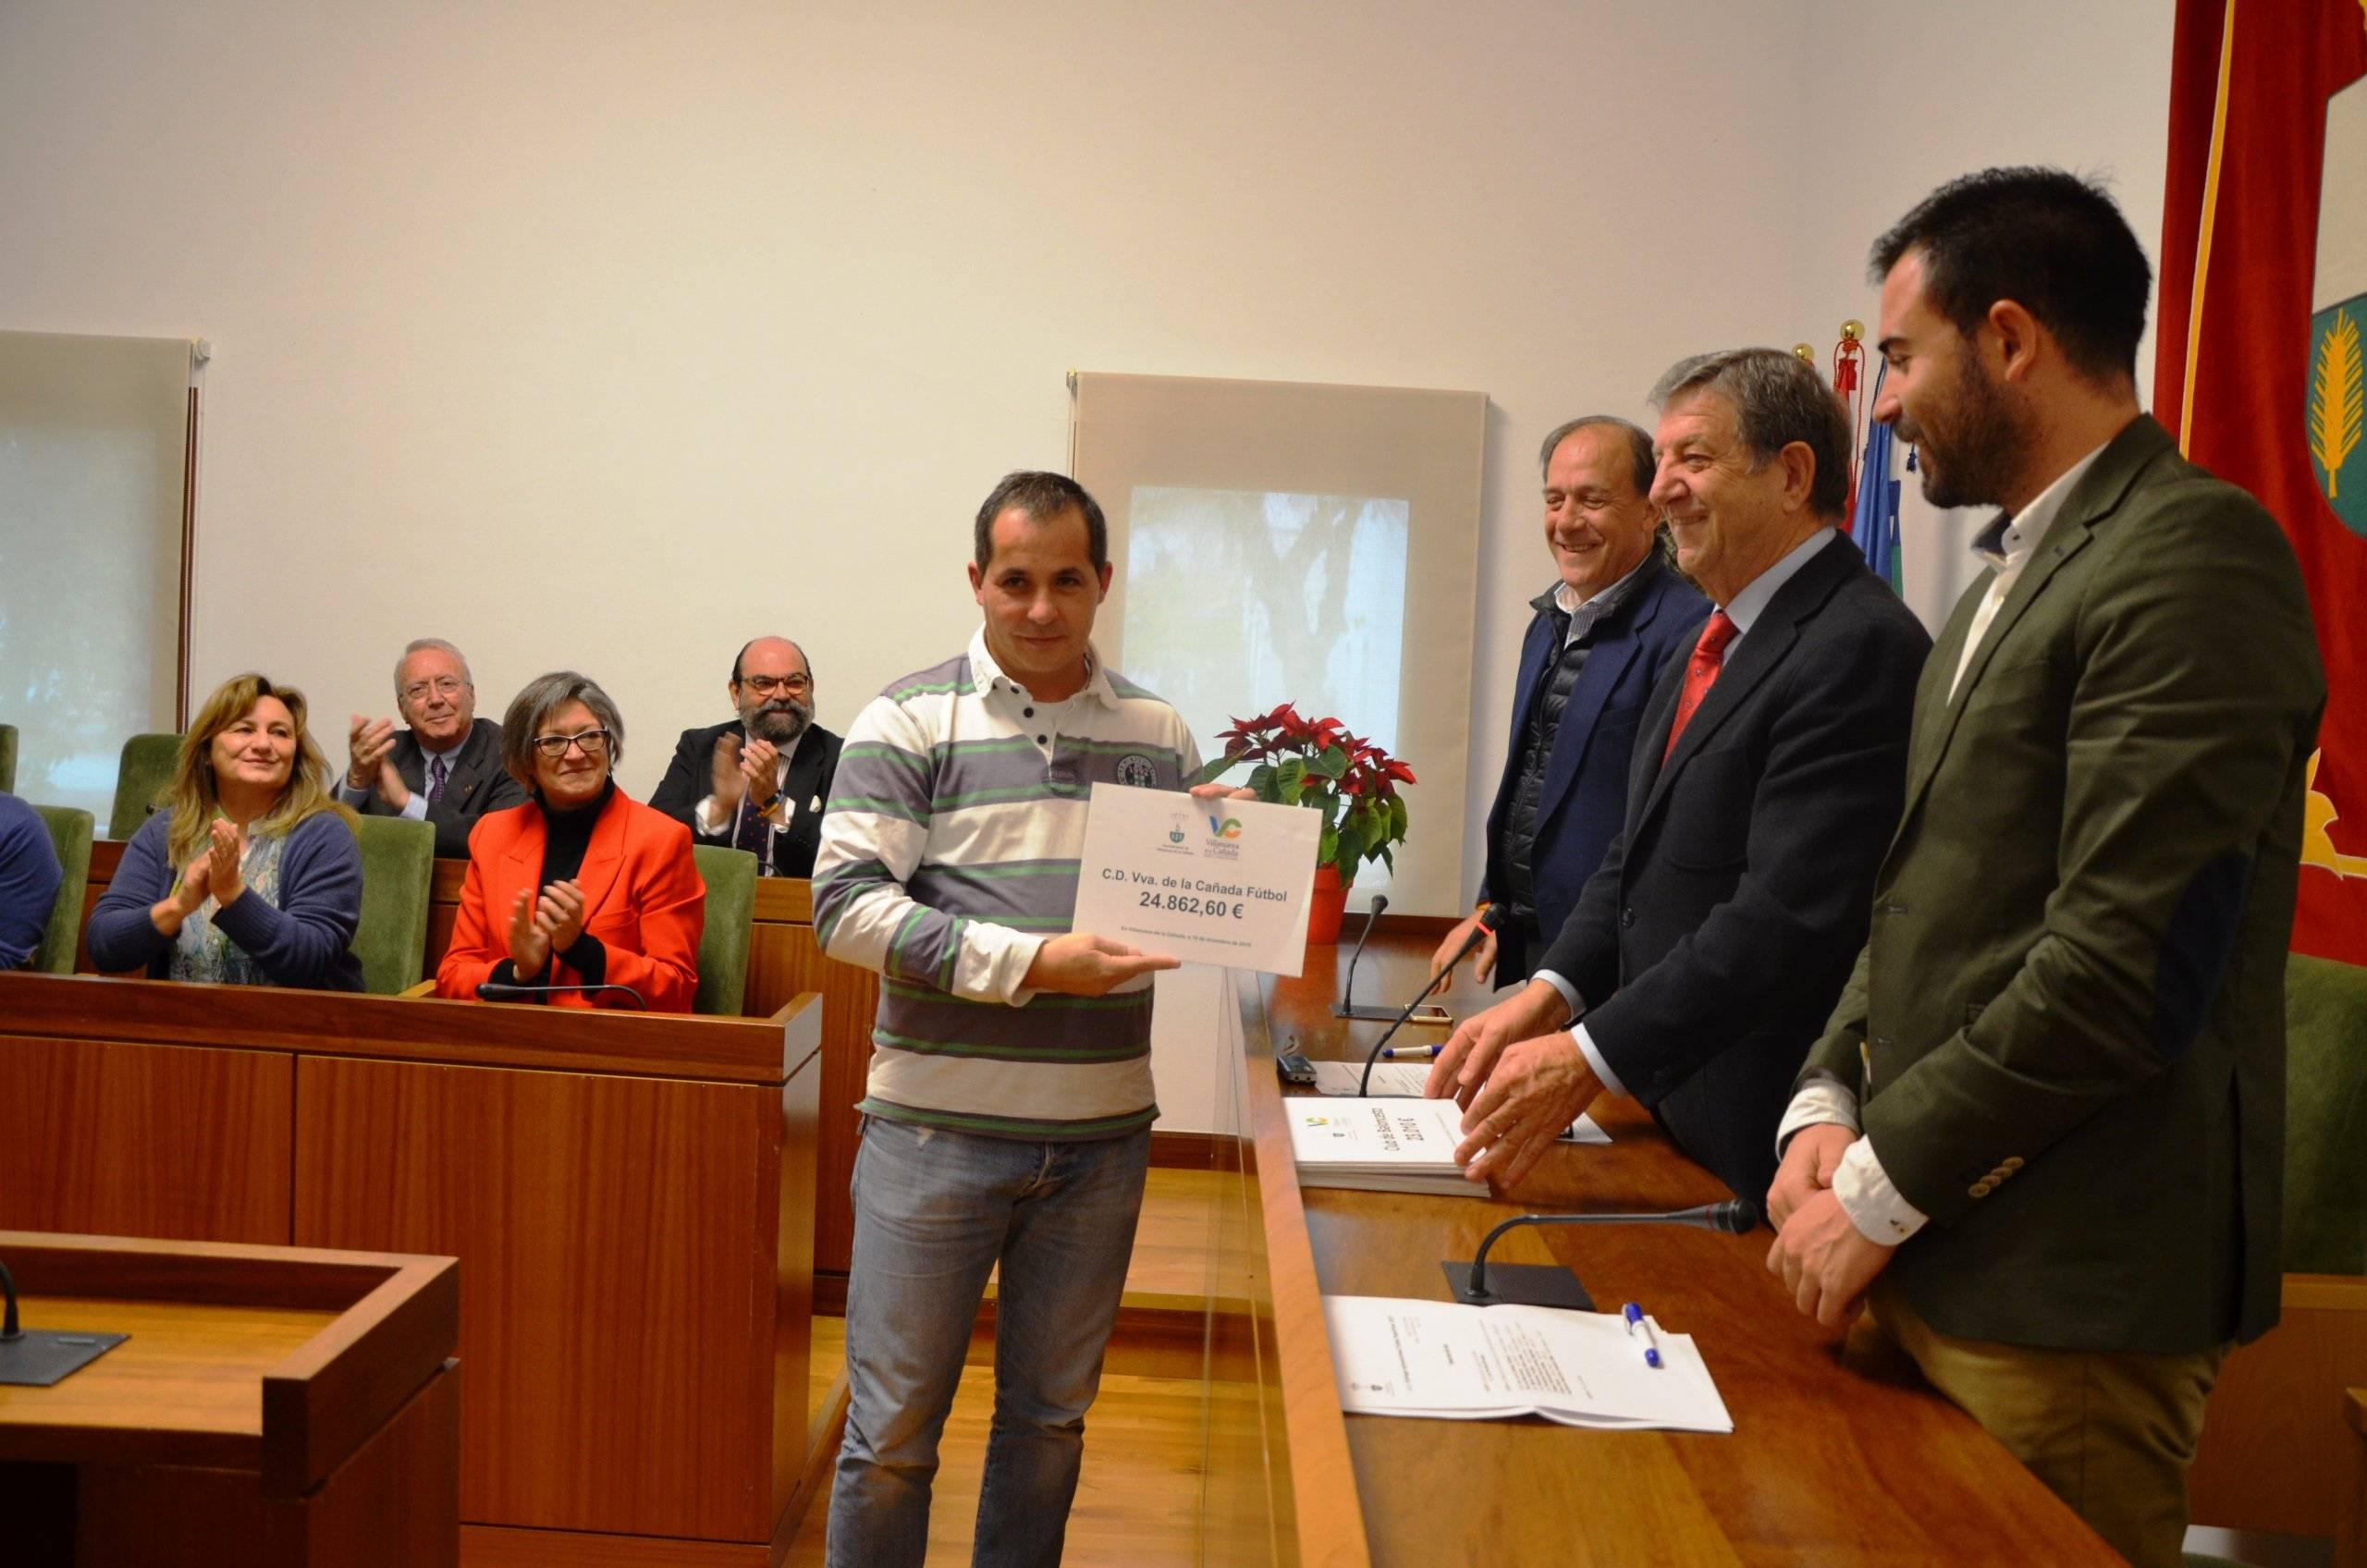 El representante del C.D. Vva. de la Cañada de Fútbol recogiendo la subvención.